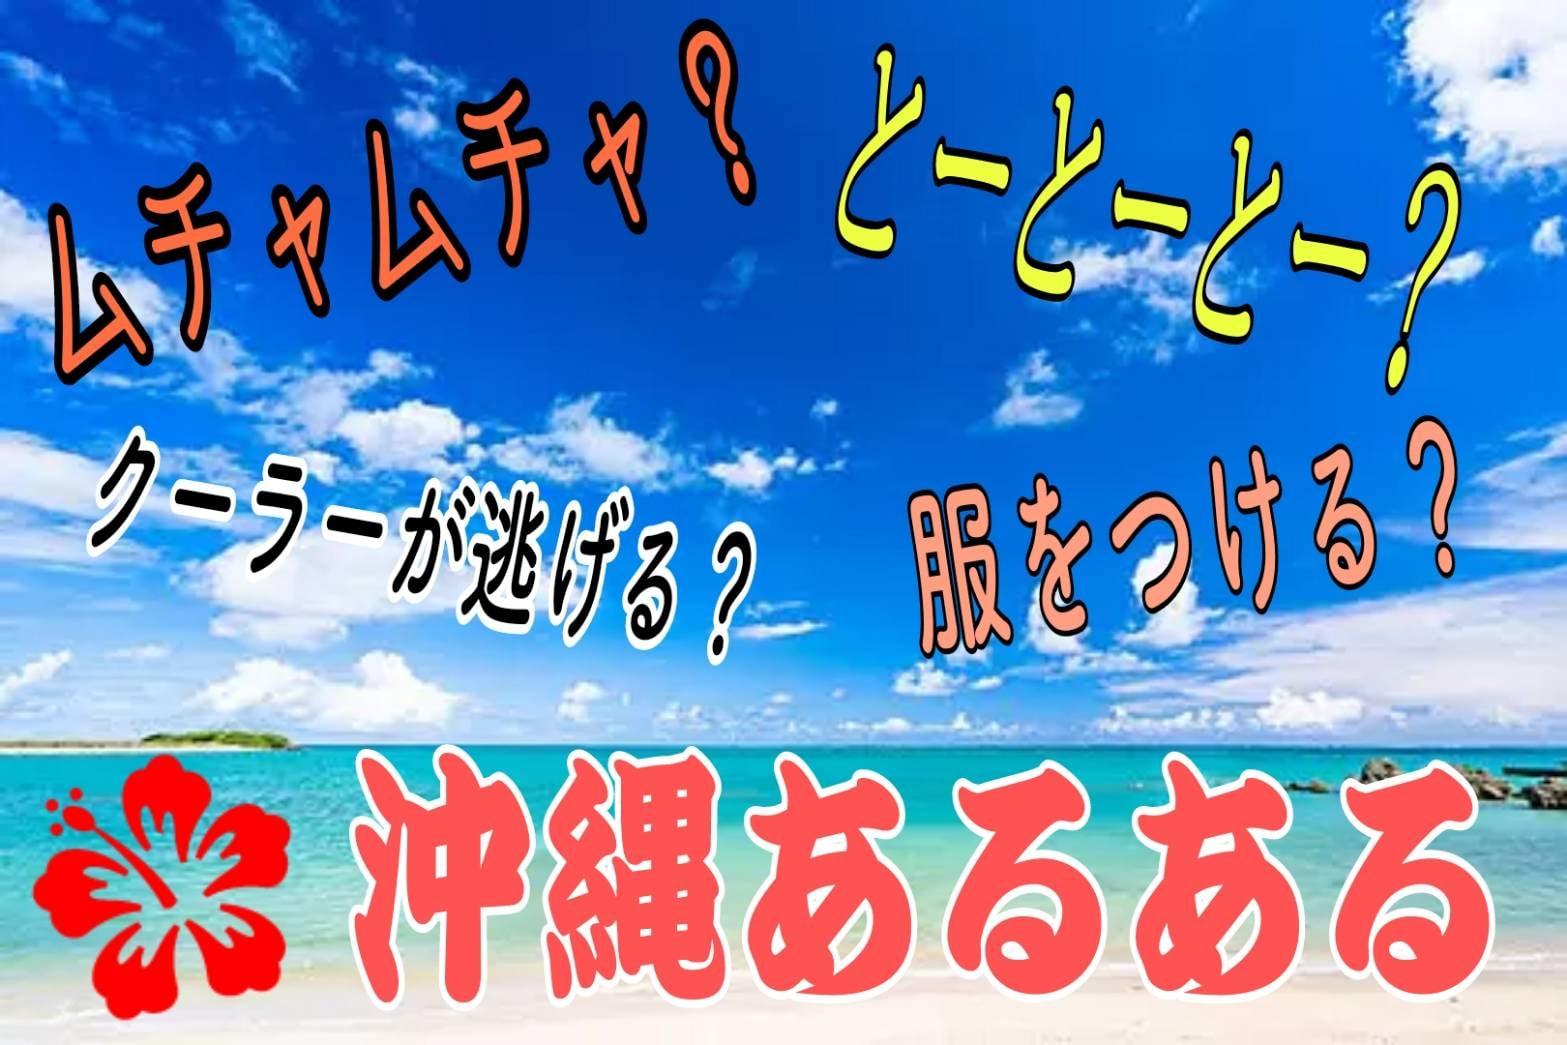 【PRチームおすすめ情報④】沖縄あるある🌺